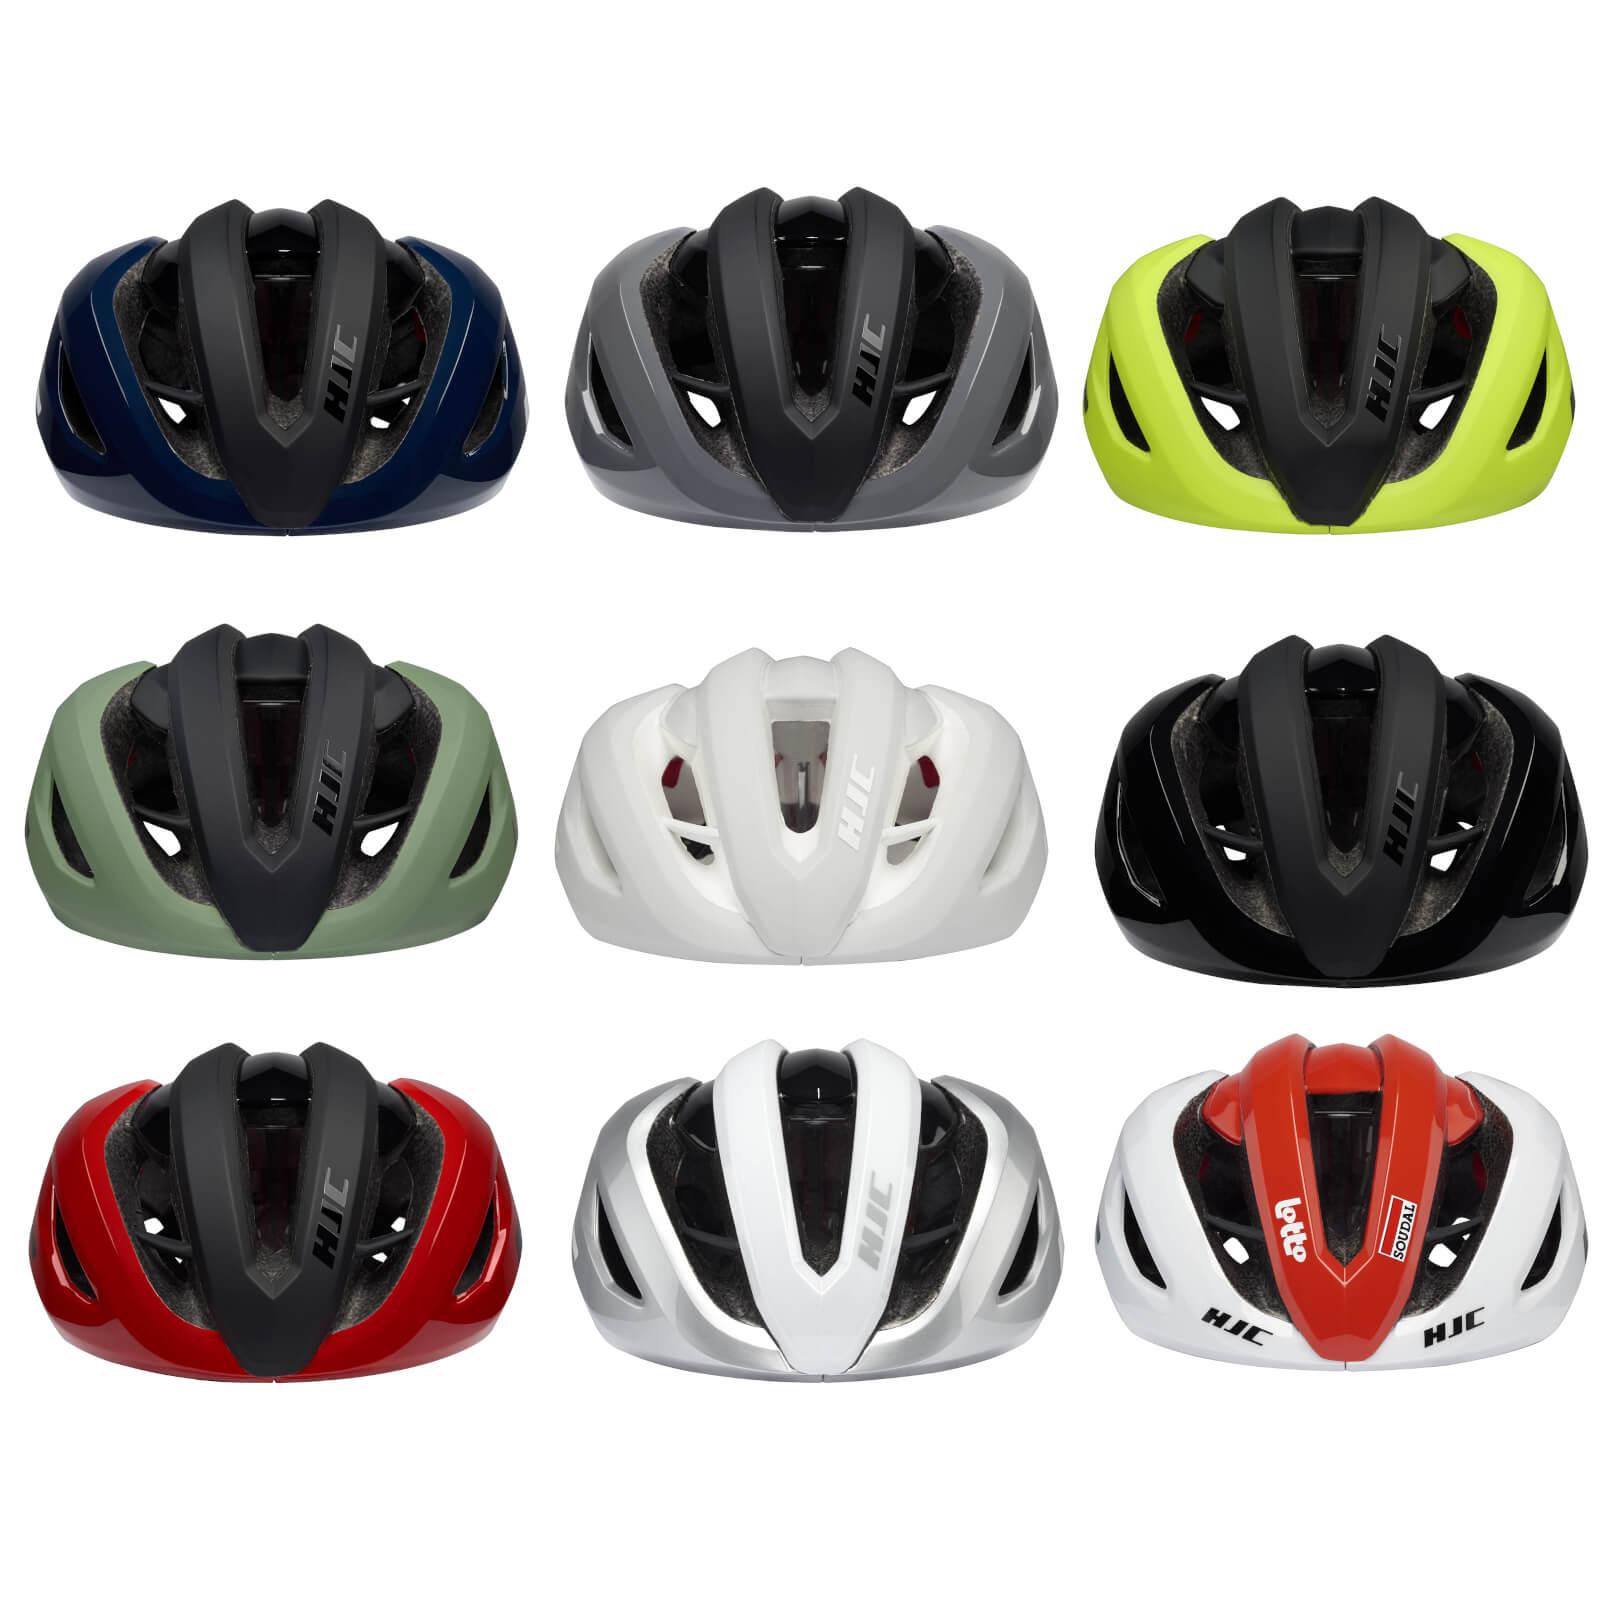 Image of HJC Valeco Helmet - Off White, Off White